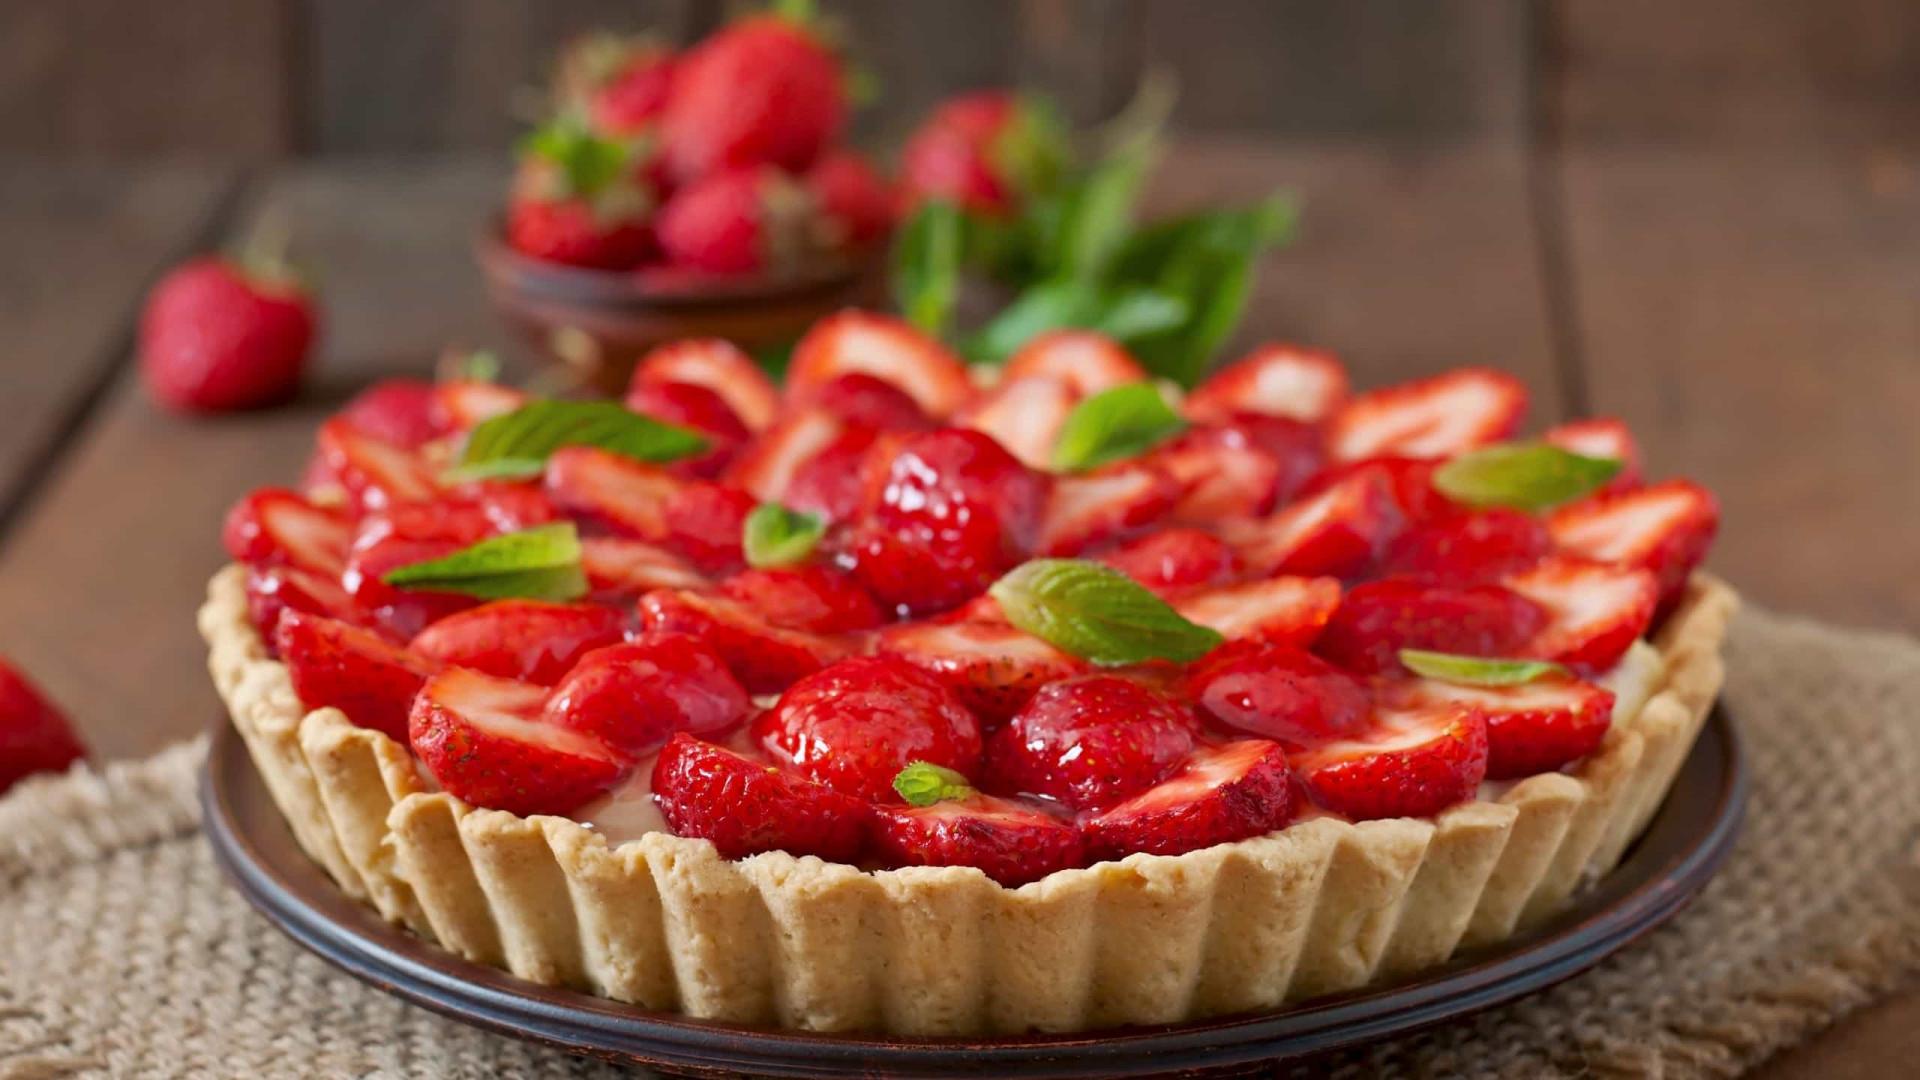 Aprenda a preparar uma deliciosa e fresquinha torta de morango